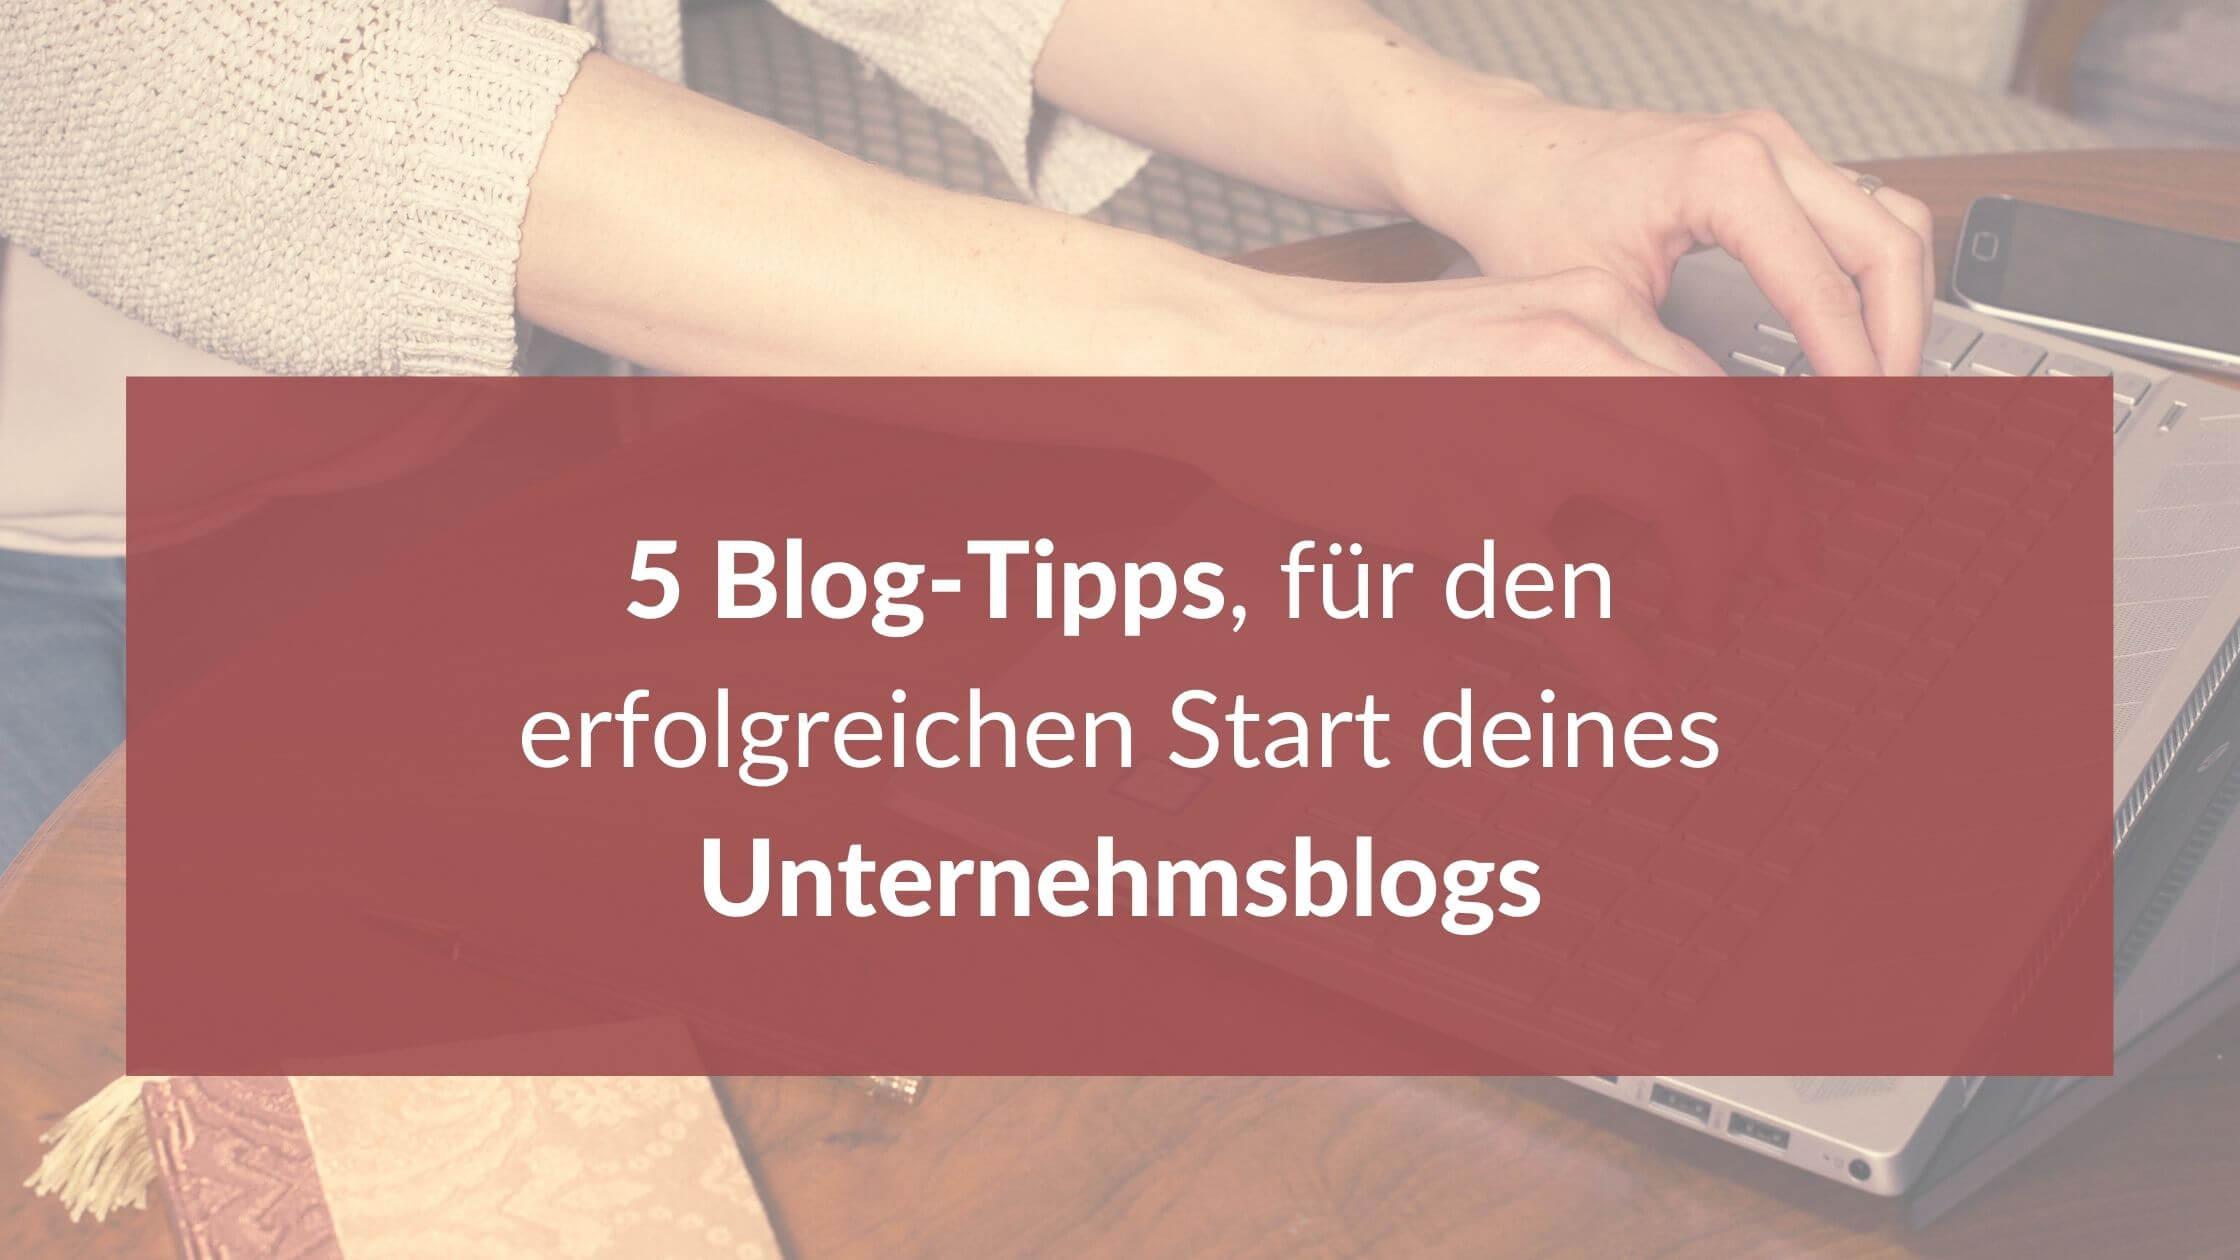 Blog-Tipps für Anfänger_schreibende Hand_Notebook